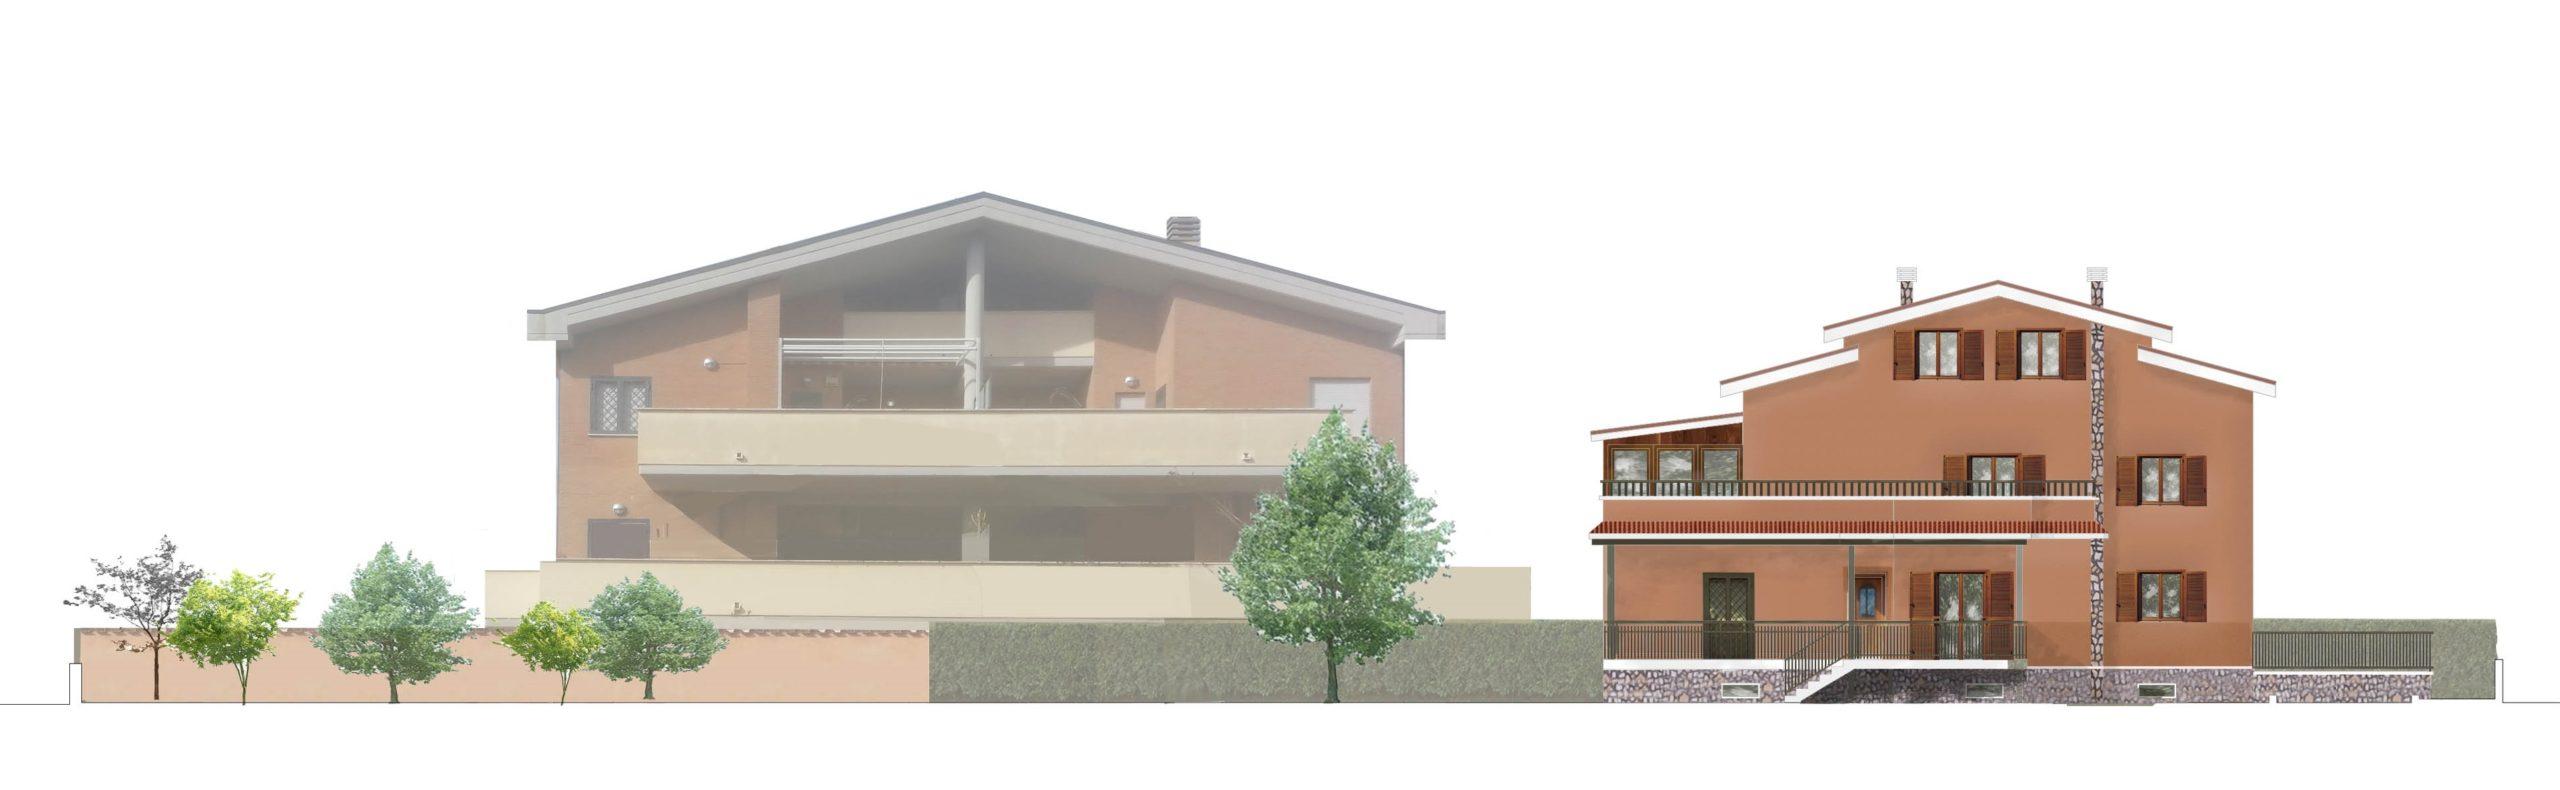 Piano Casa Villa Anagnina - Prospetto prima dell'intervento